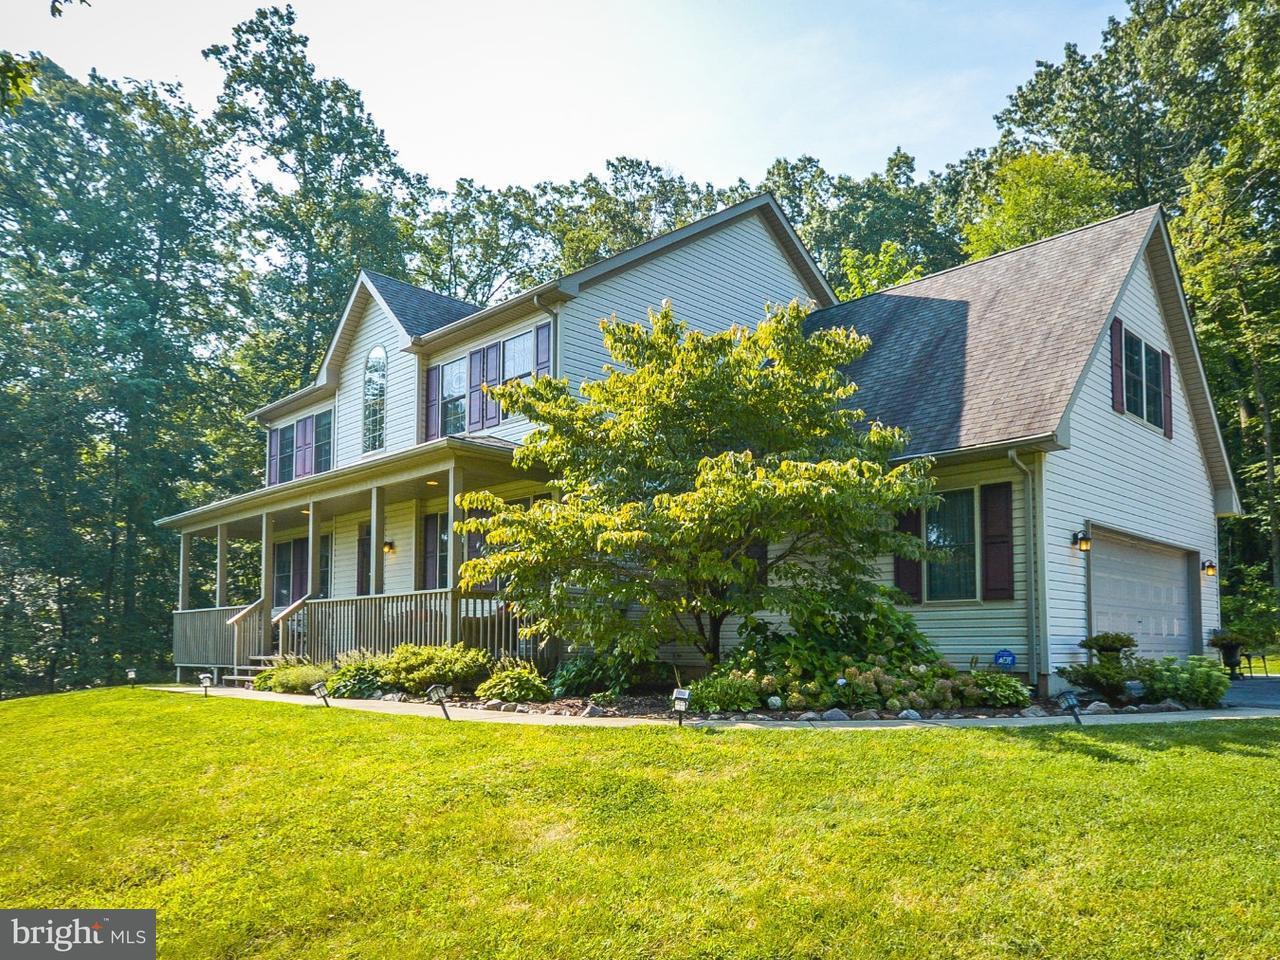 独户住宅 为 销售 在 2368 ROUTE 412 Hellertown, 宾夕法尼亚州 18055 美国